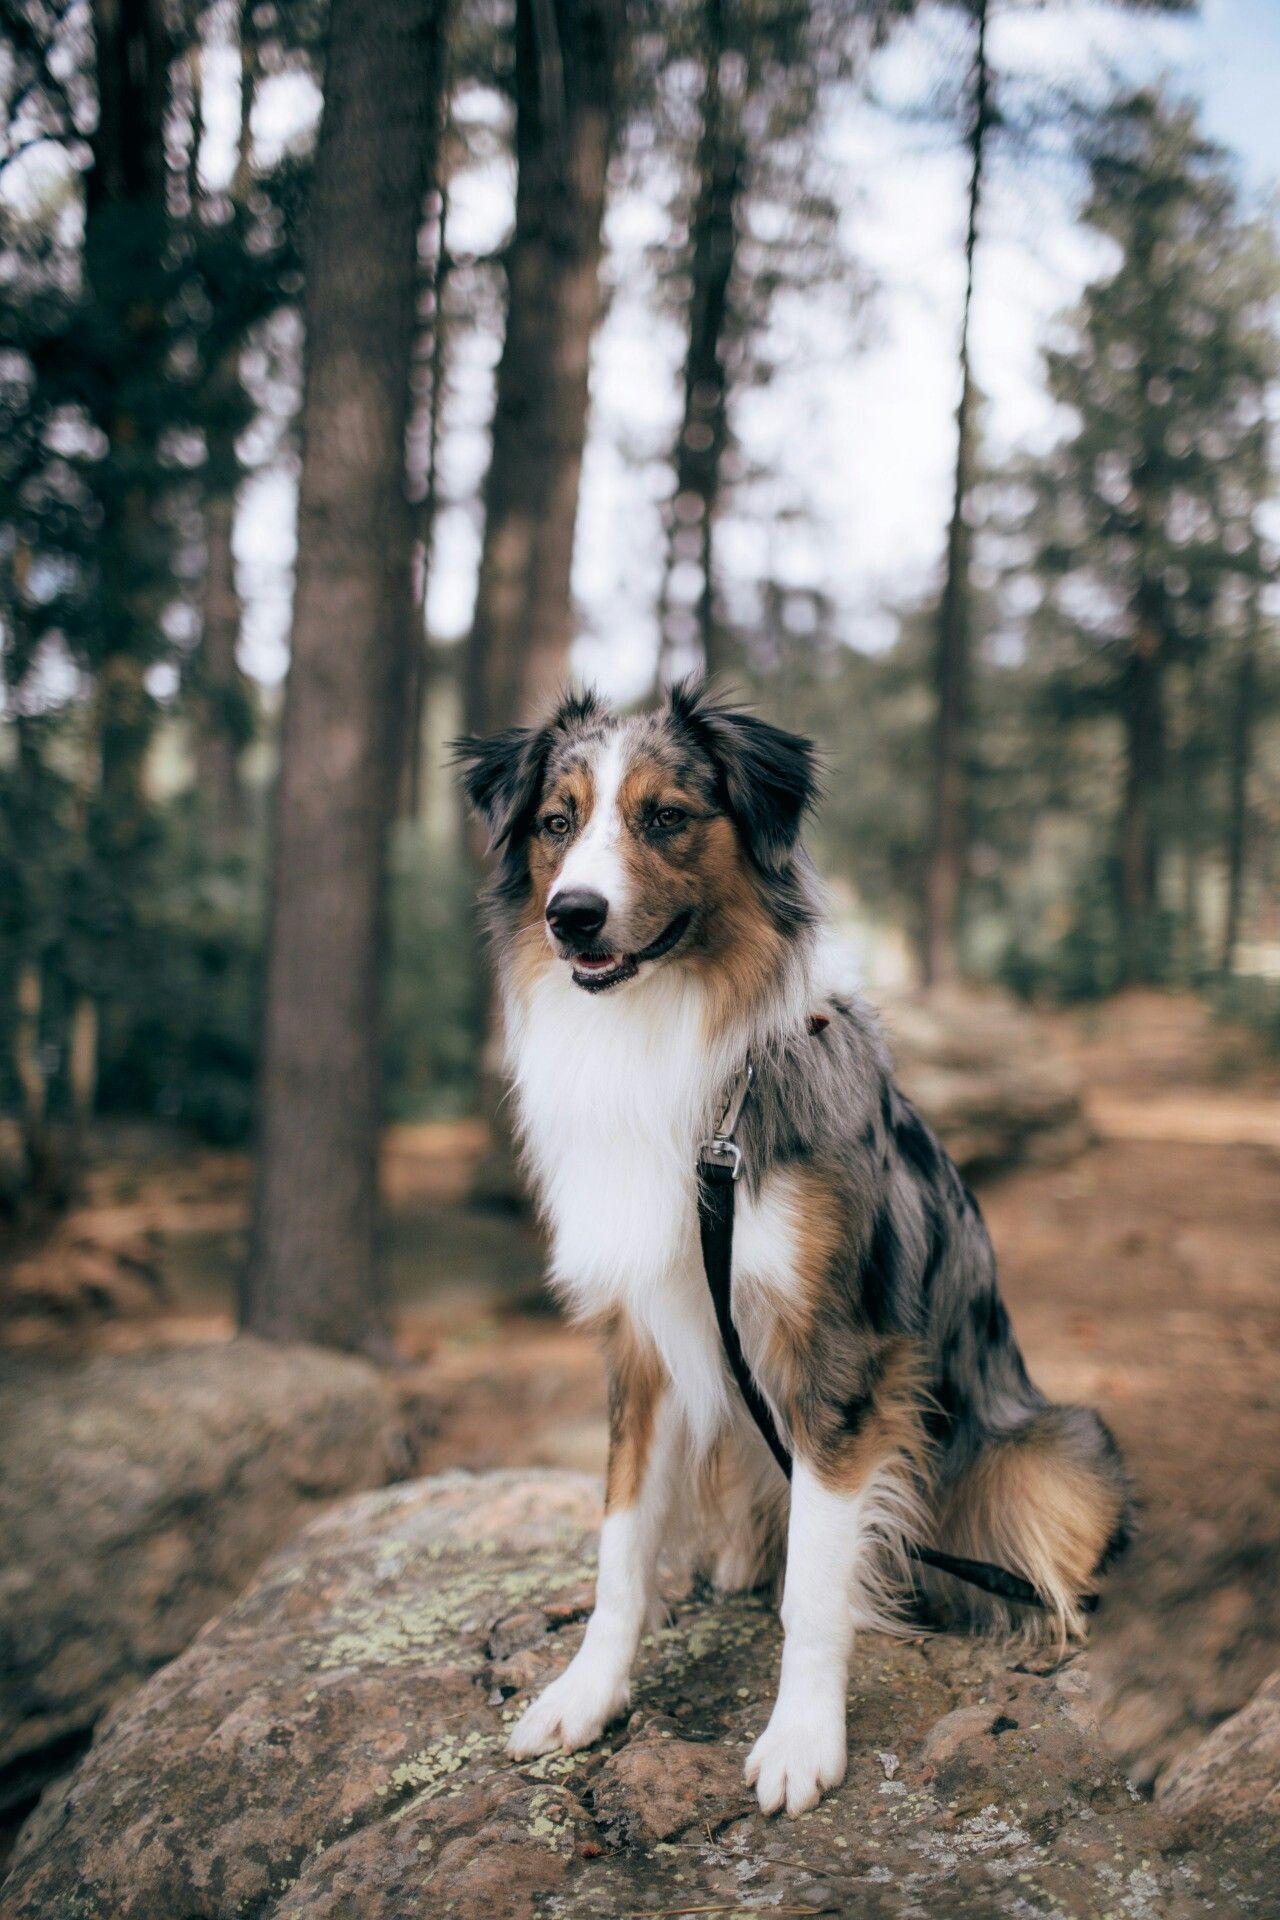 Pin By Adriana Beguerisse On Man S Best Friend Aussie Dogs Australian Shepherd Dogs Australian Shepherd